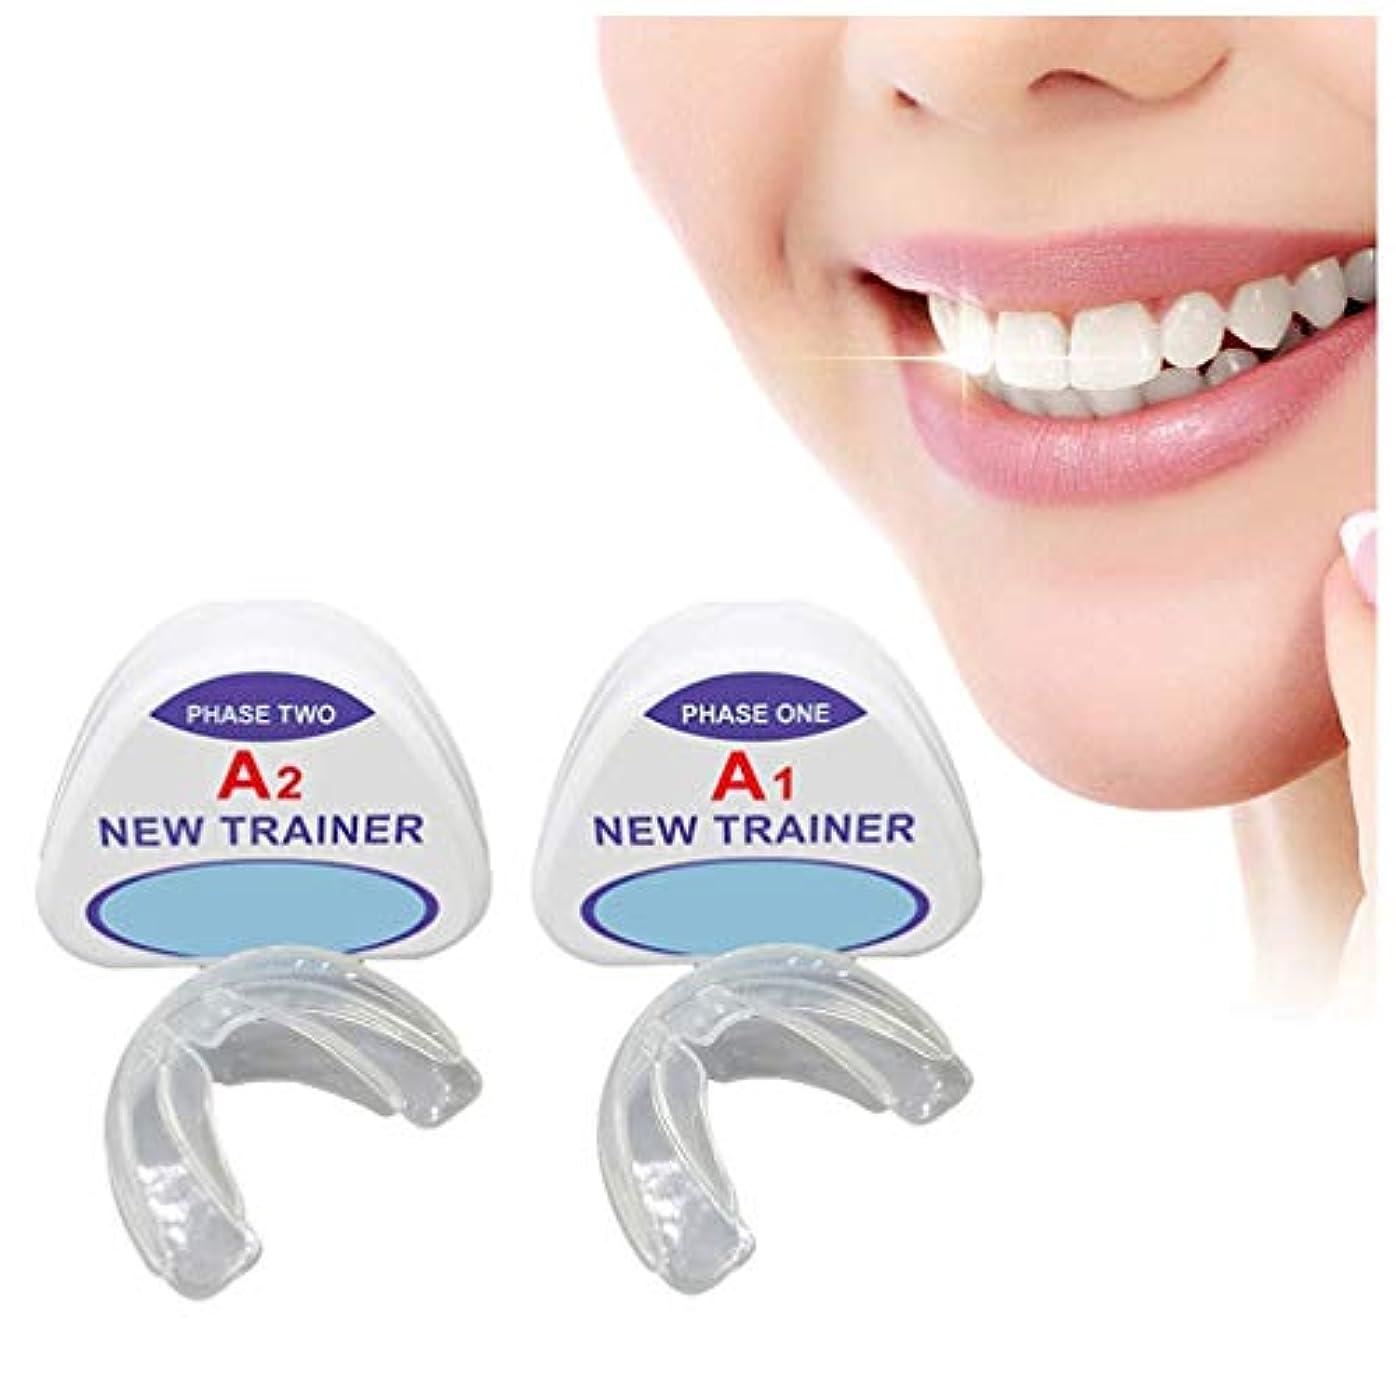 不均一のぞき穴債務者歯列矯正トレーナーリテーナー、歯科用マウスガード歯列矯正器具、歯用器具夜予防臼歯ブレース